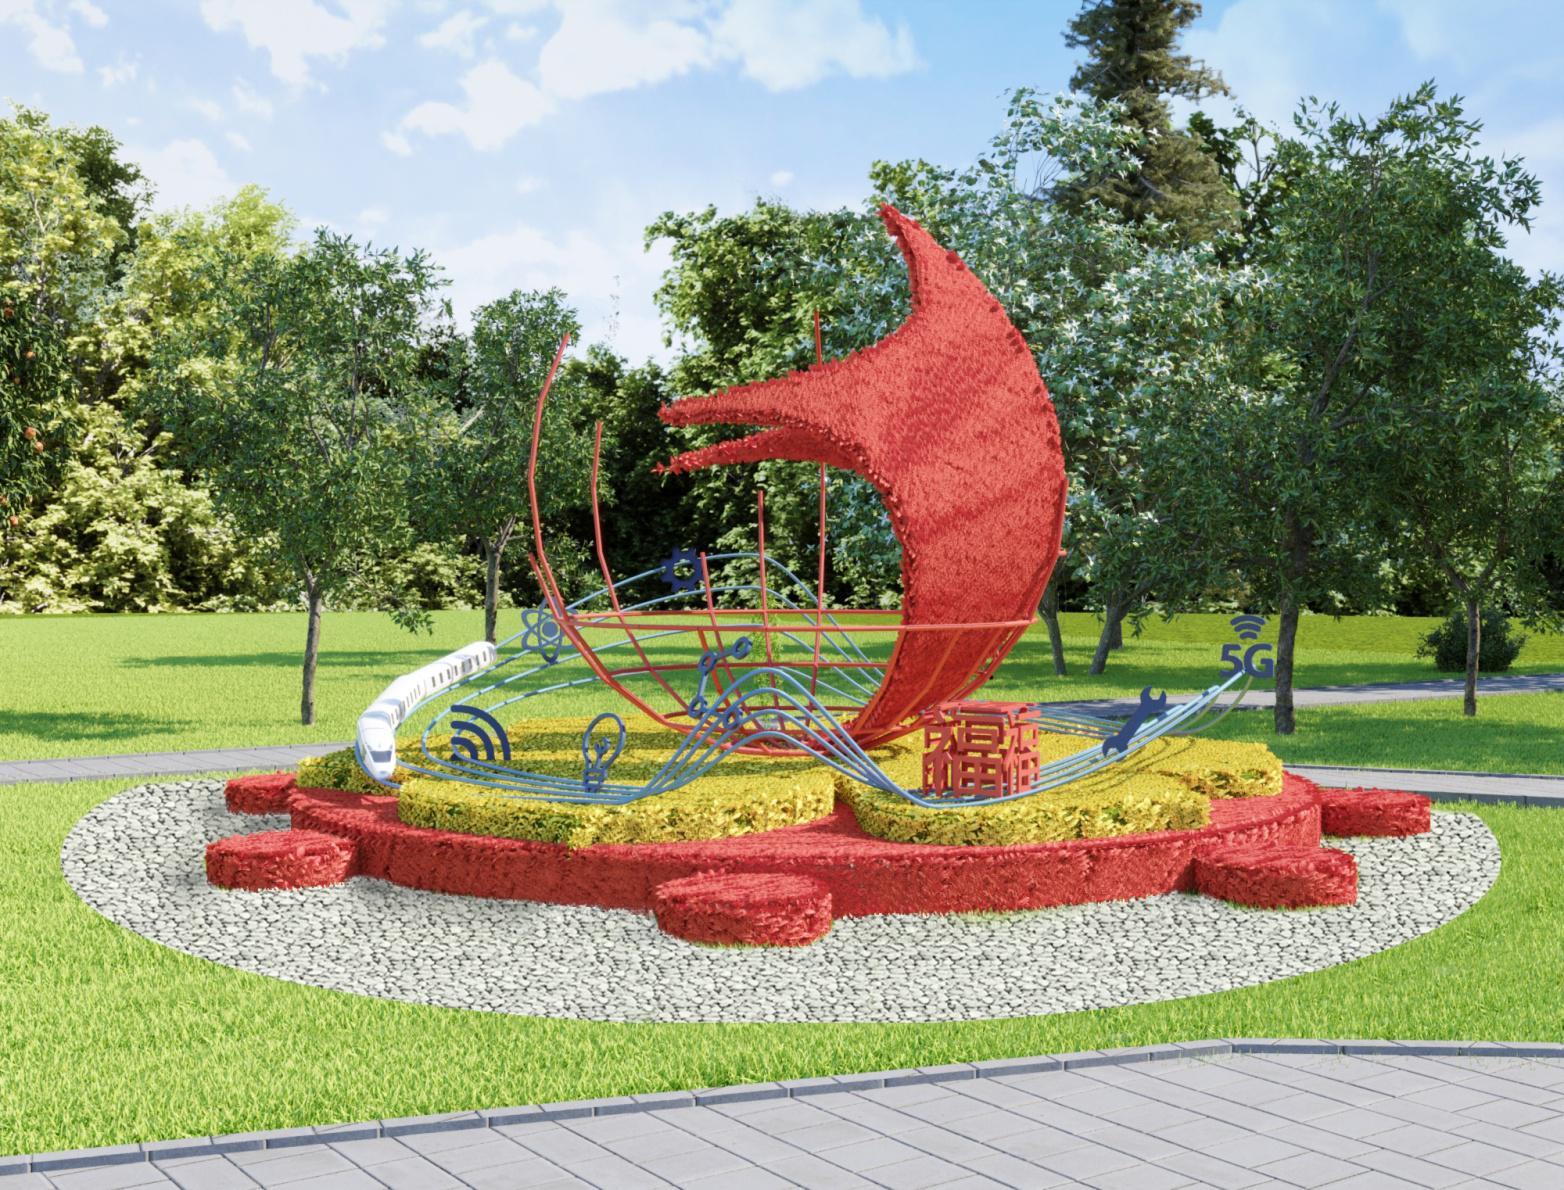 К выставке «Флора» в Омске разместят 17 гигантских композиций #Новости #Общество #Омск